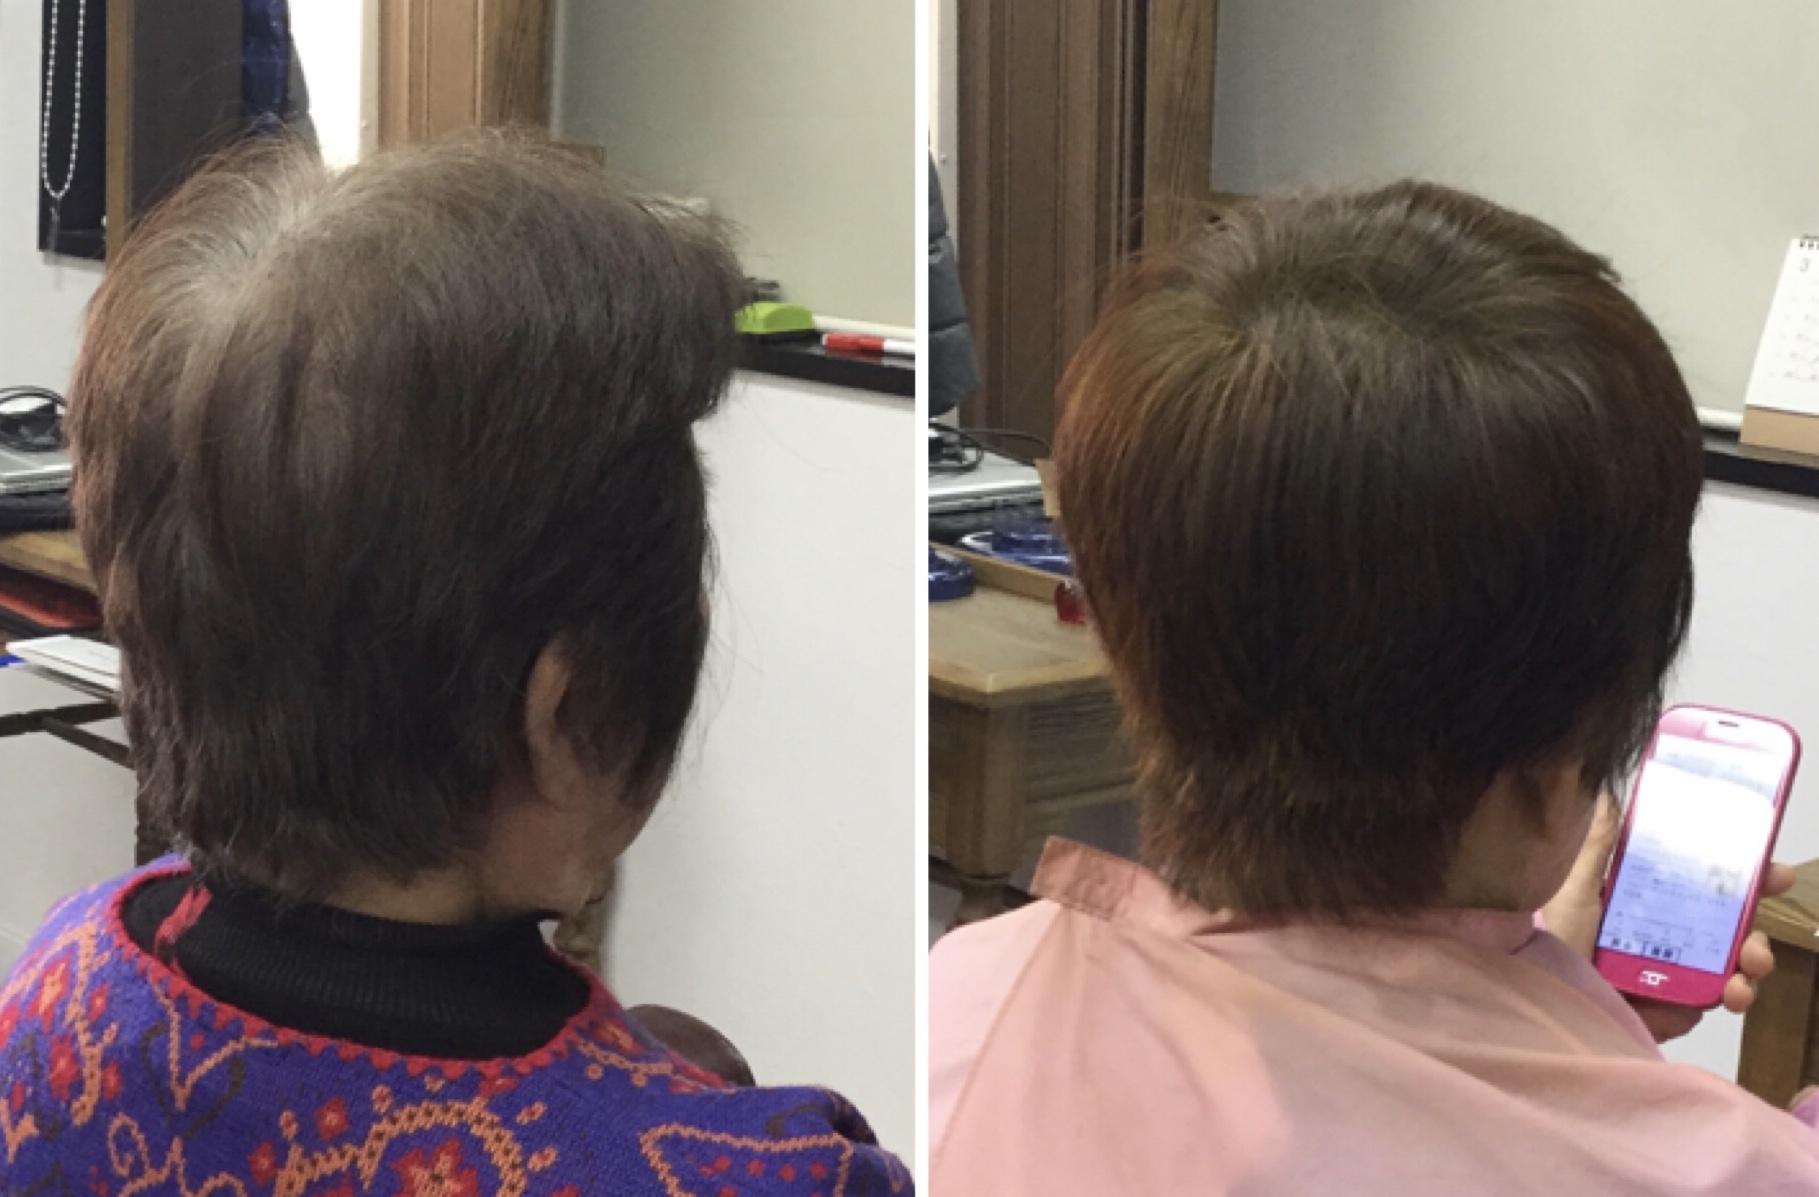 毛染めのせい?最近髪が細く薄くボリュームが無くなってきた…っとお悩みなら